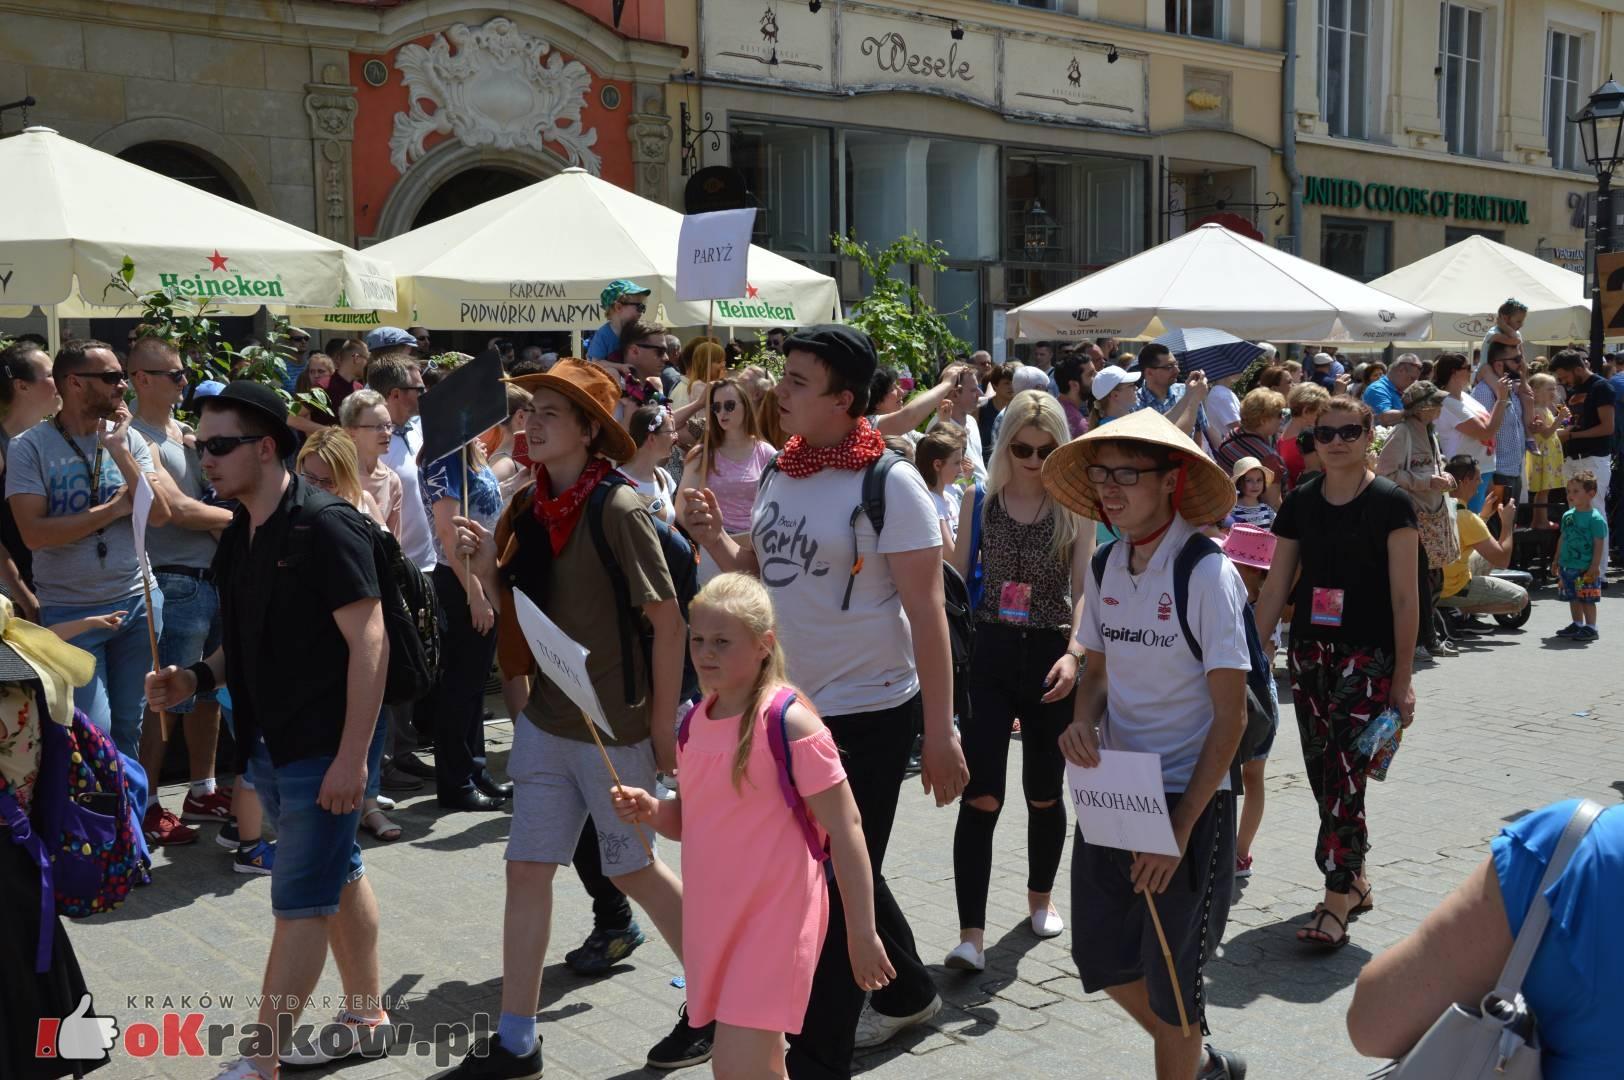 wielka parada smokow przeszla przez krakow w 40 smokow do okola swiata 2019 244 150x150 - Parada Smoków przeszła przez Kraków. Obszerna galeria zdjęć - 2 czerwca 2019 w Krakowie